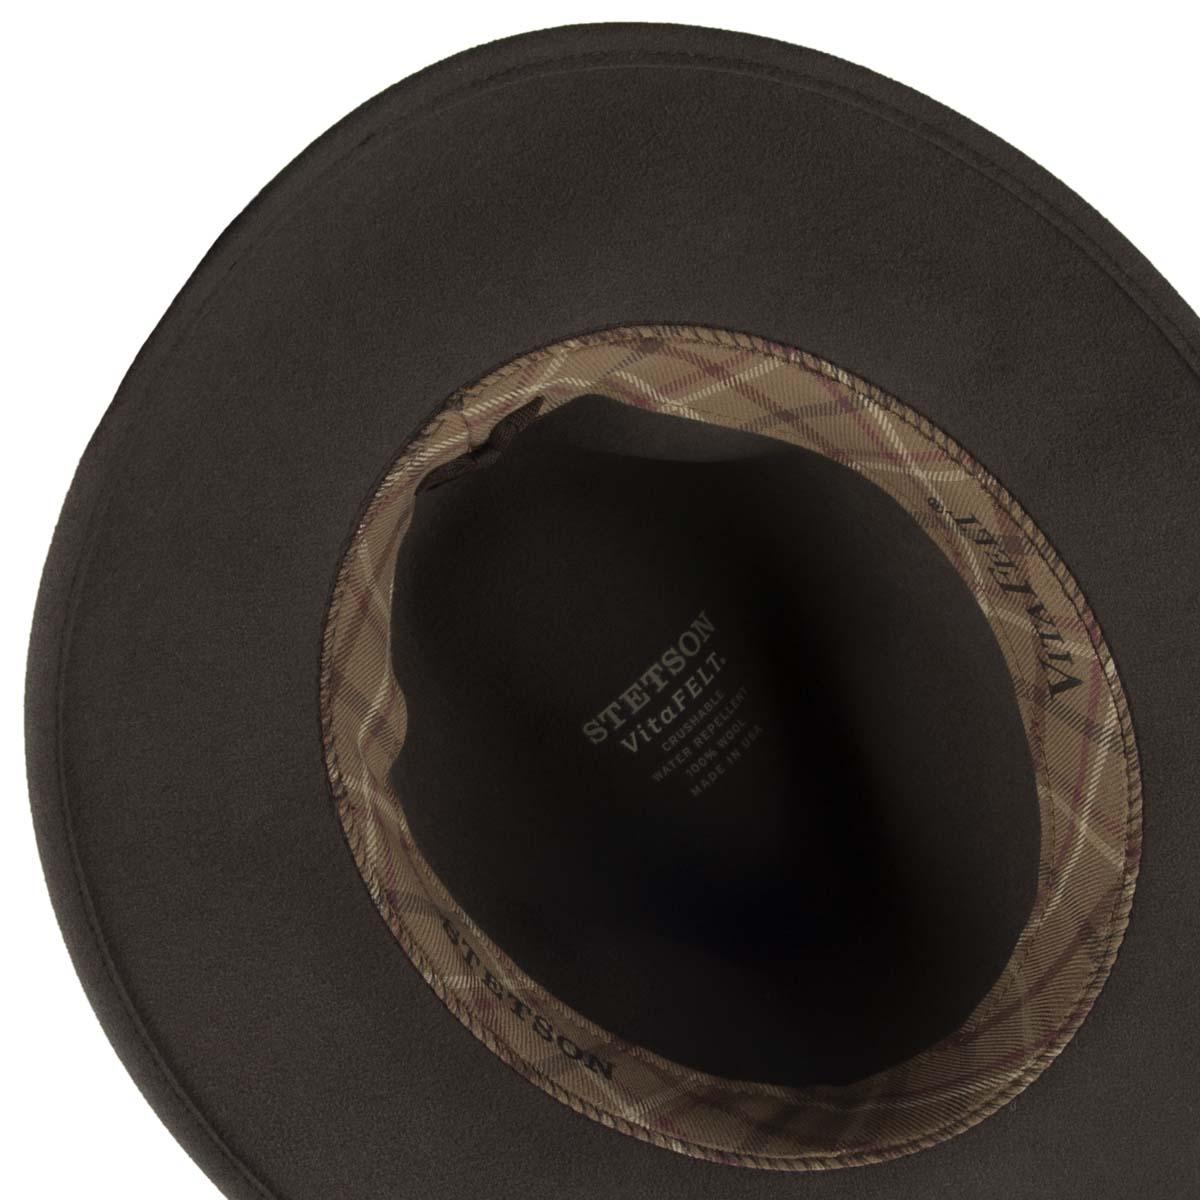 cappello Newark Hampton Vitafelt firmato STETSON 314e7f64a644